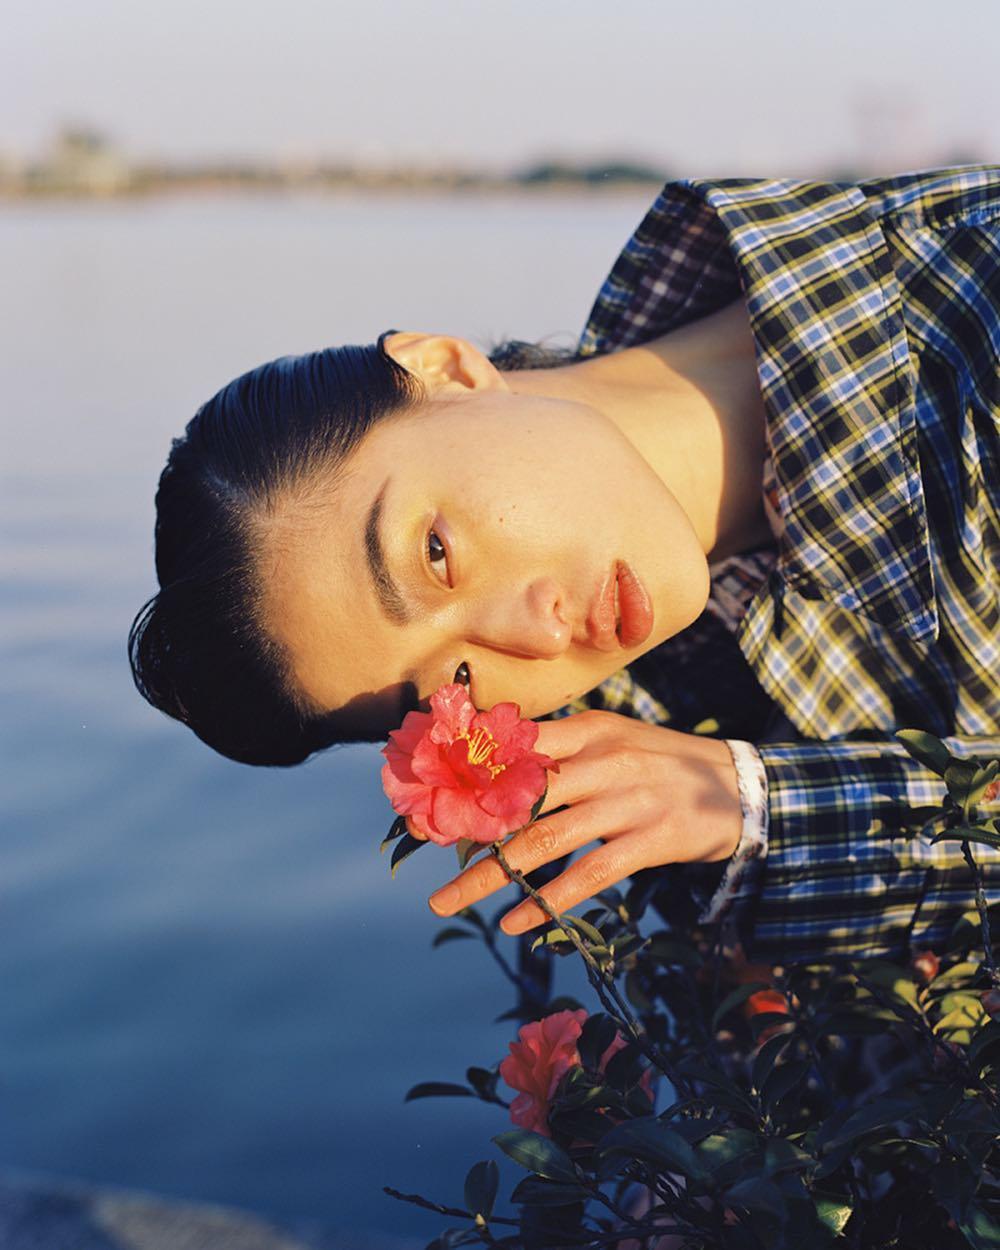 01_Zhang_JiaCheng_photography_GFY-9.jpg